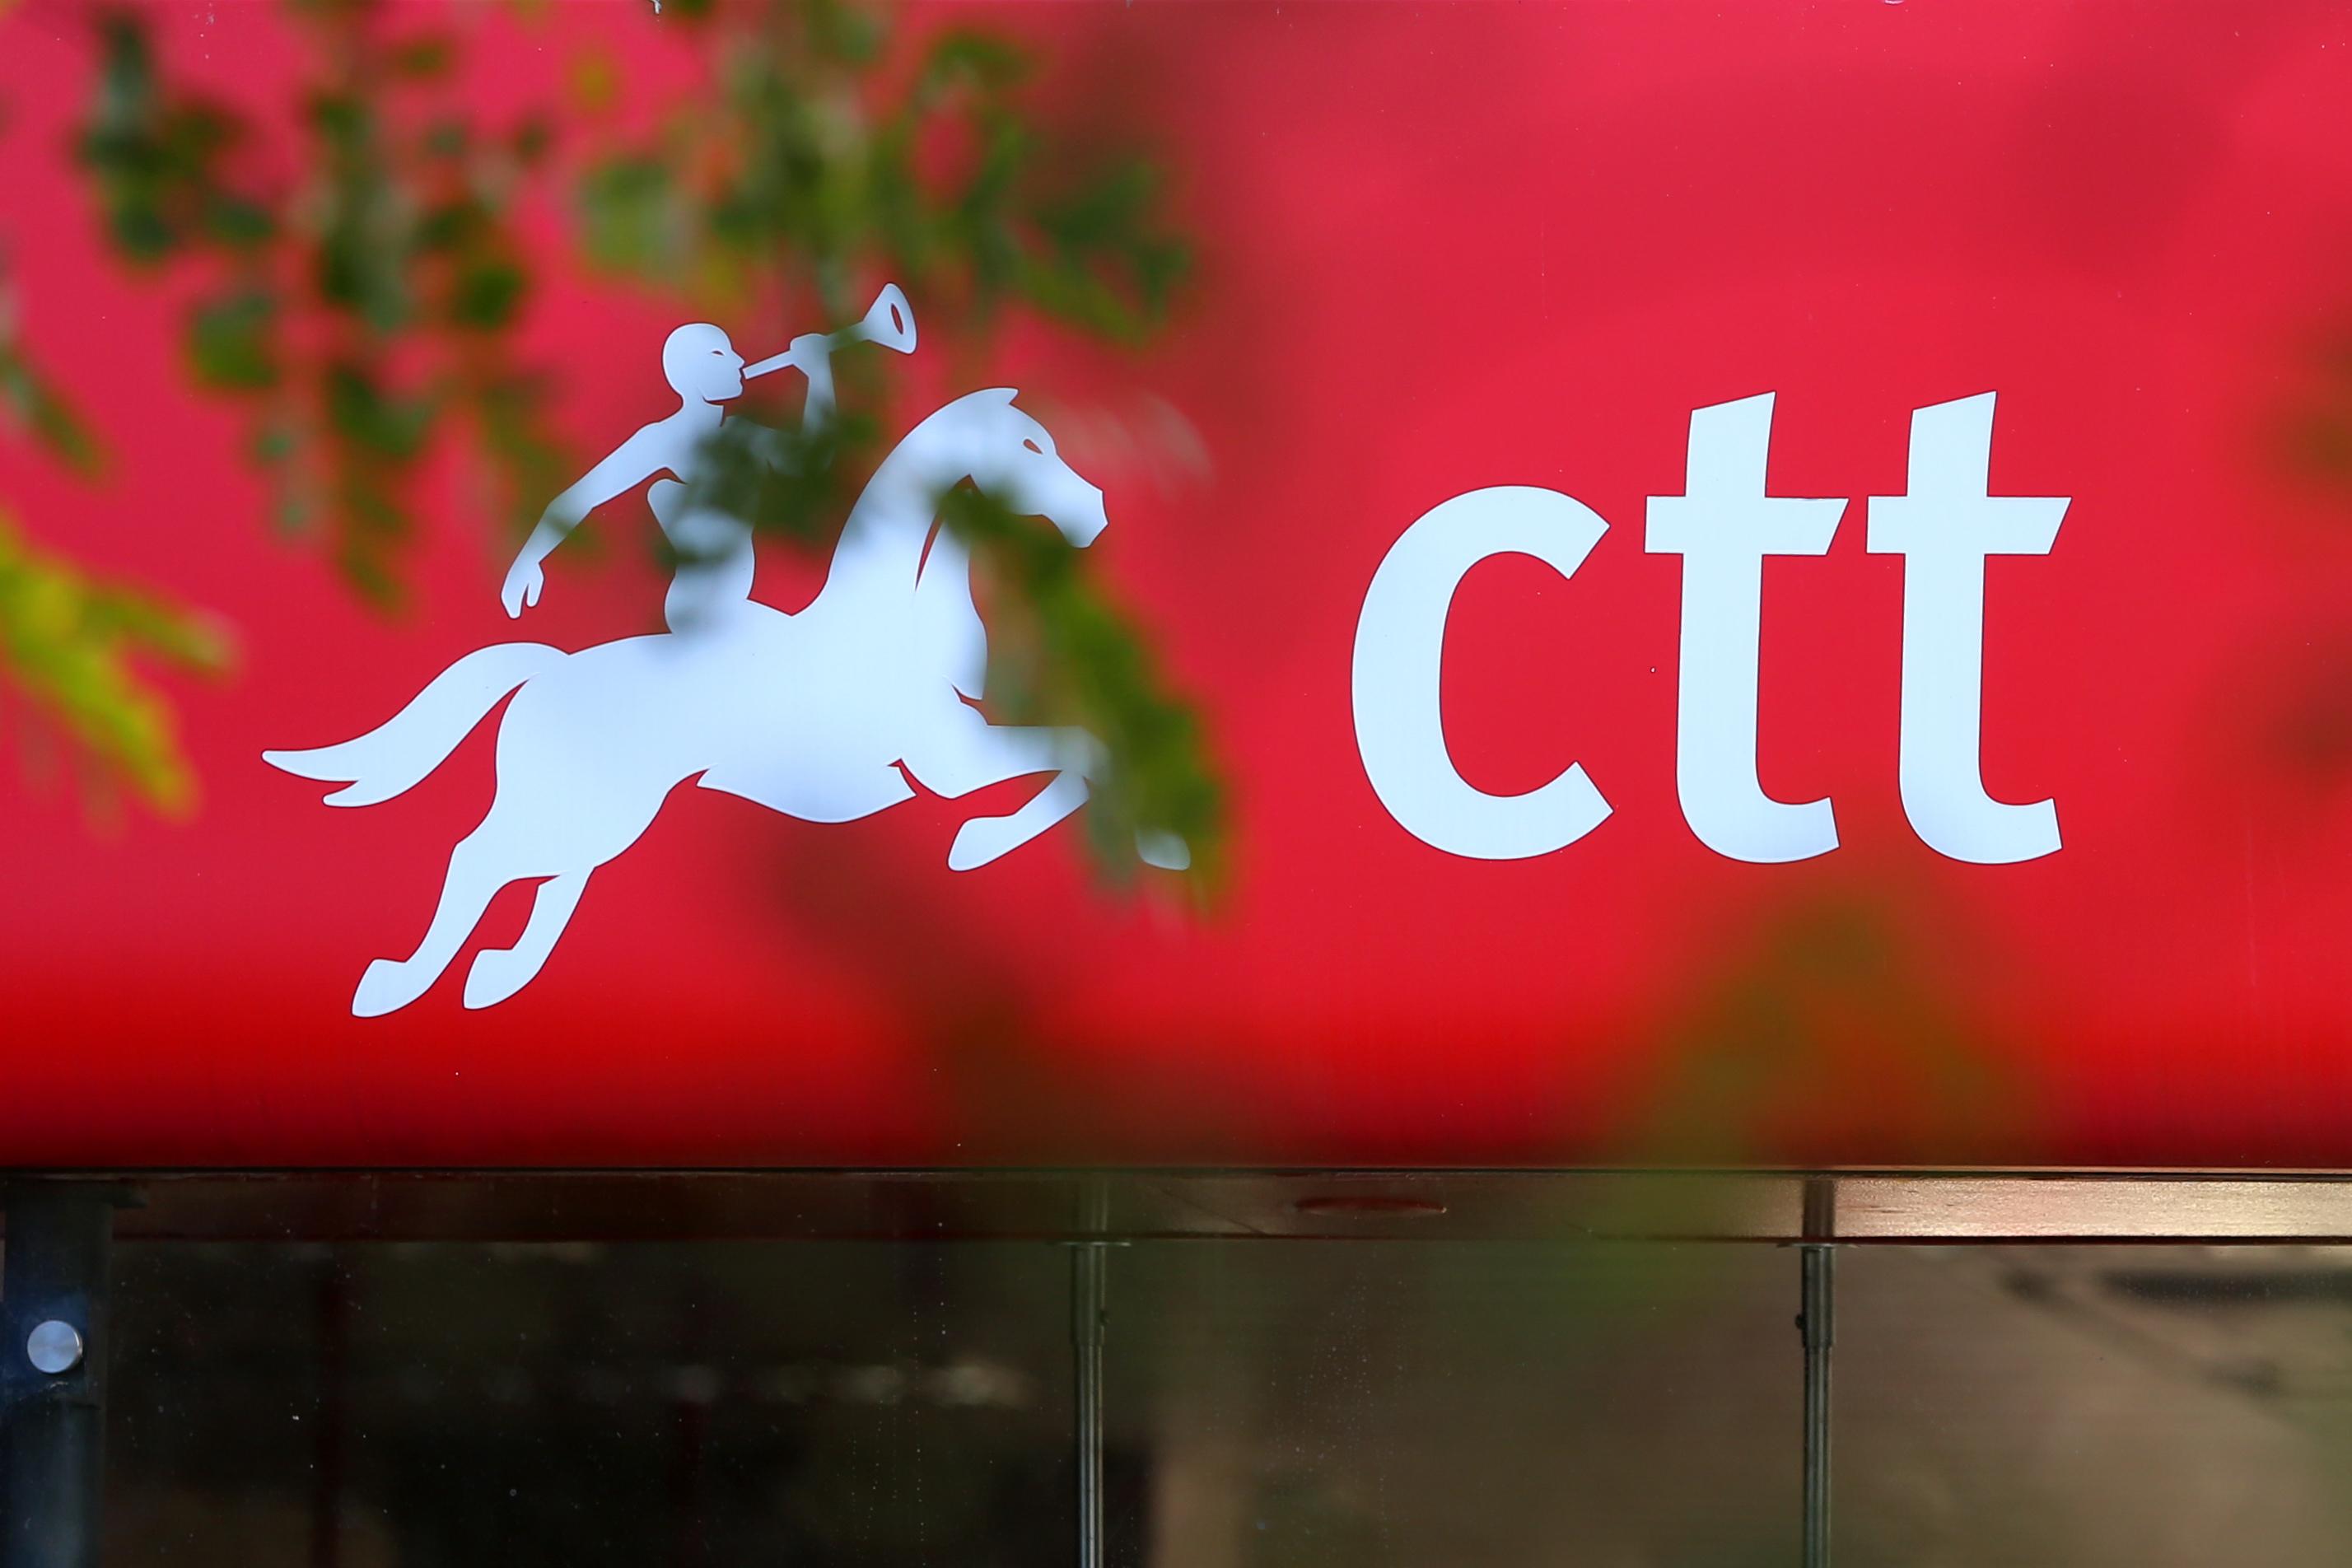 Covid-19: CTT negam falta de plano de contingência na empresa